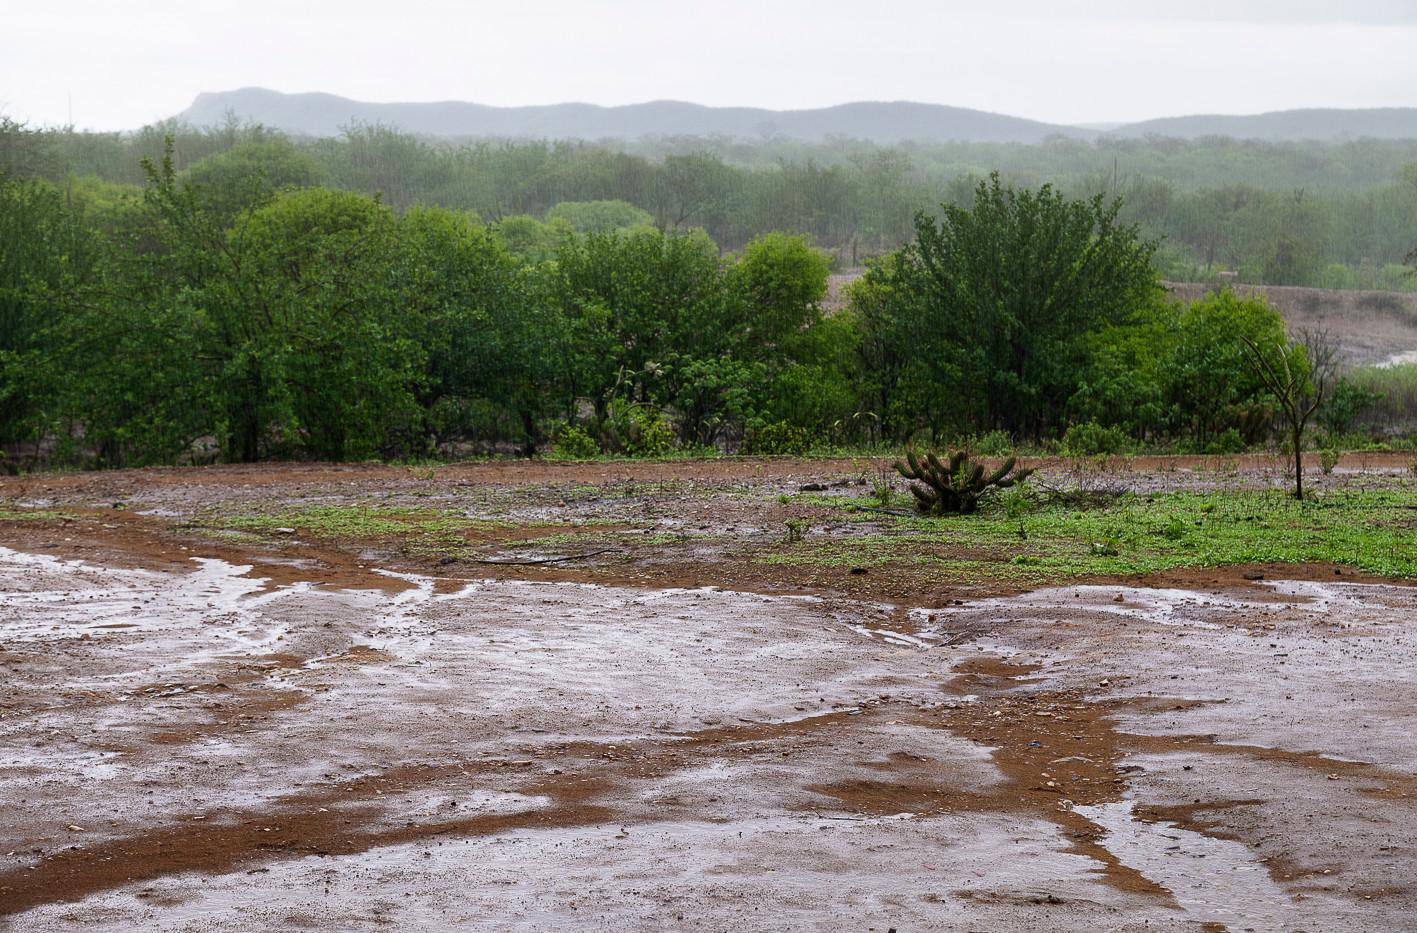 Um jardim em Floresta, paisagem do sertão #4